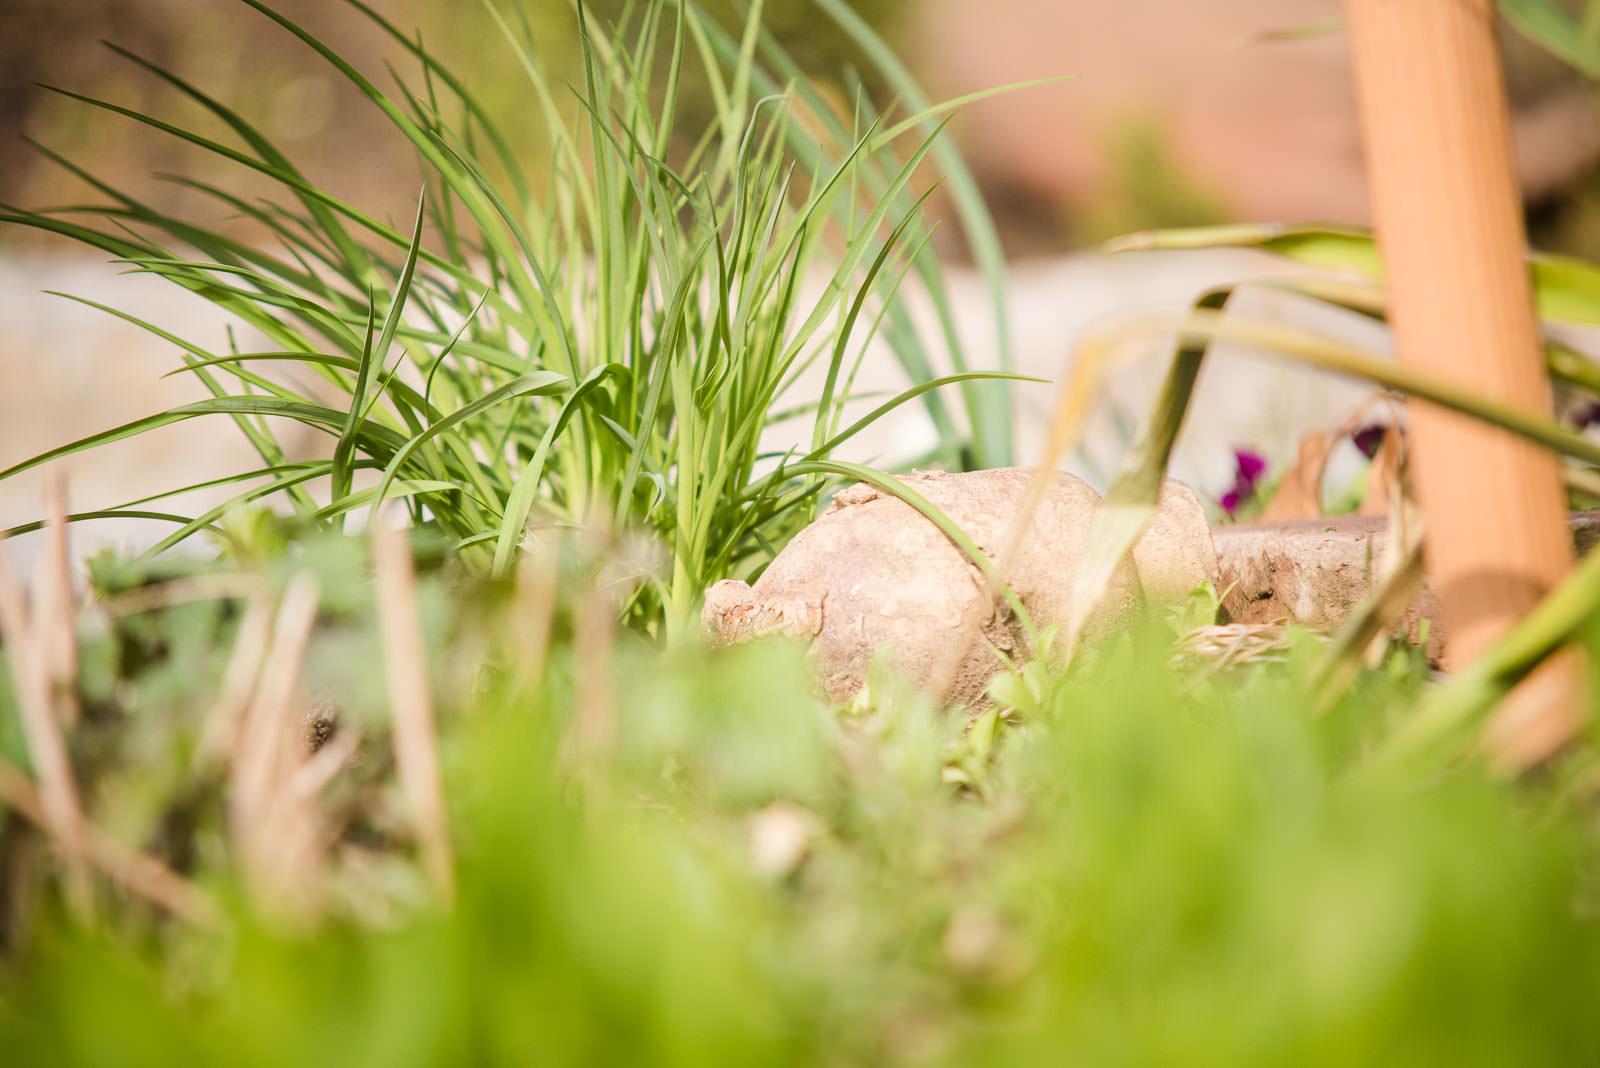 Das sind wir von gartenbau josef rupp in bibertal silheim im landkreis neu ulm - Gartenbau ulm ...